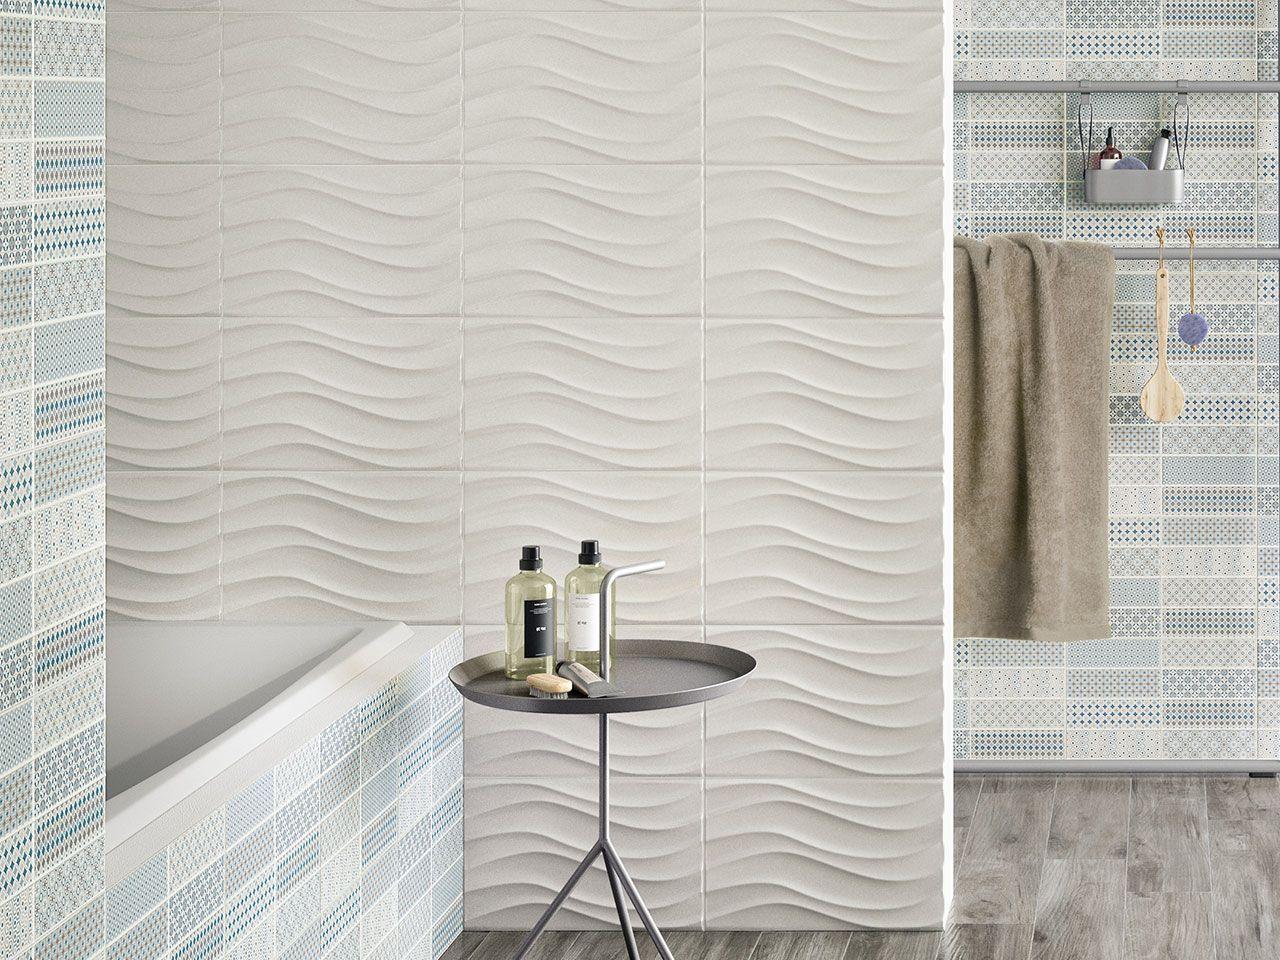 Rivestimento bagno in bicottura serie pattern wave dimensioni